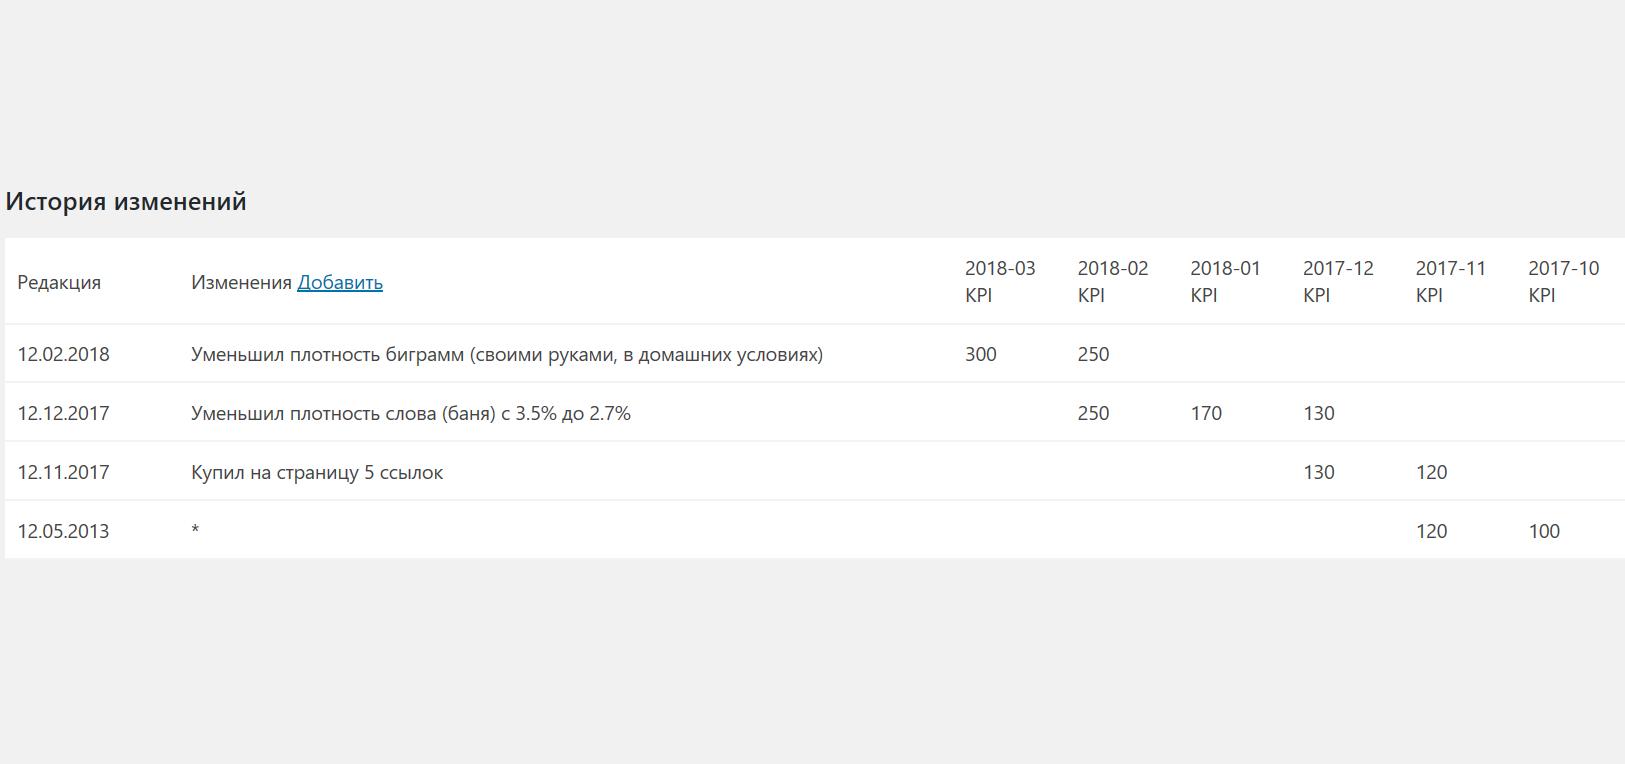 История изменений на странице с динамикой KPI.